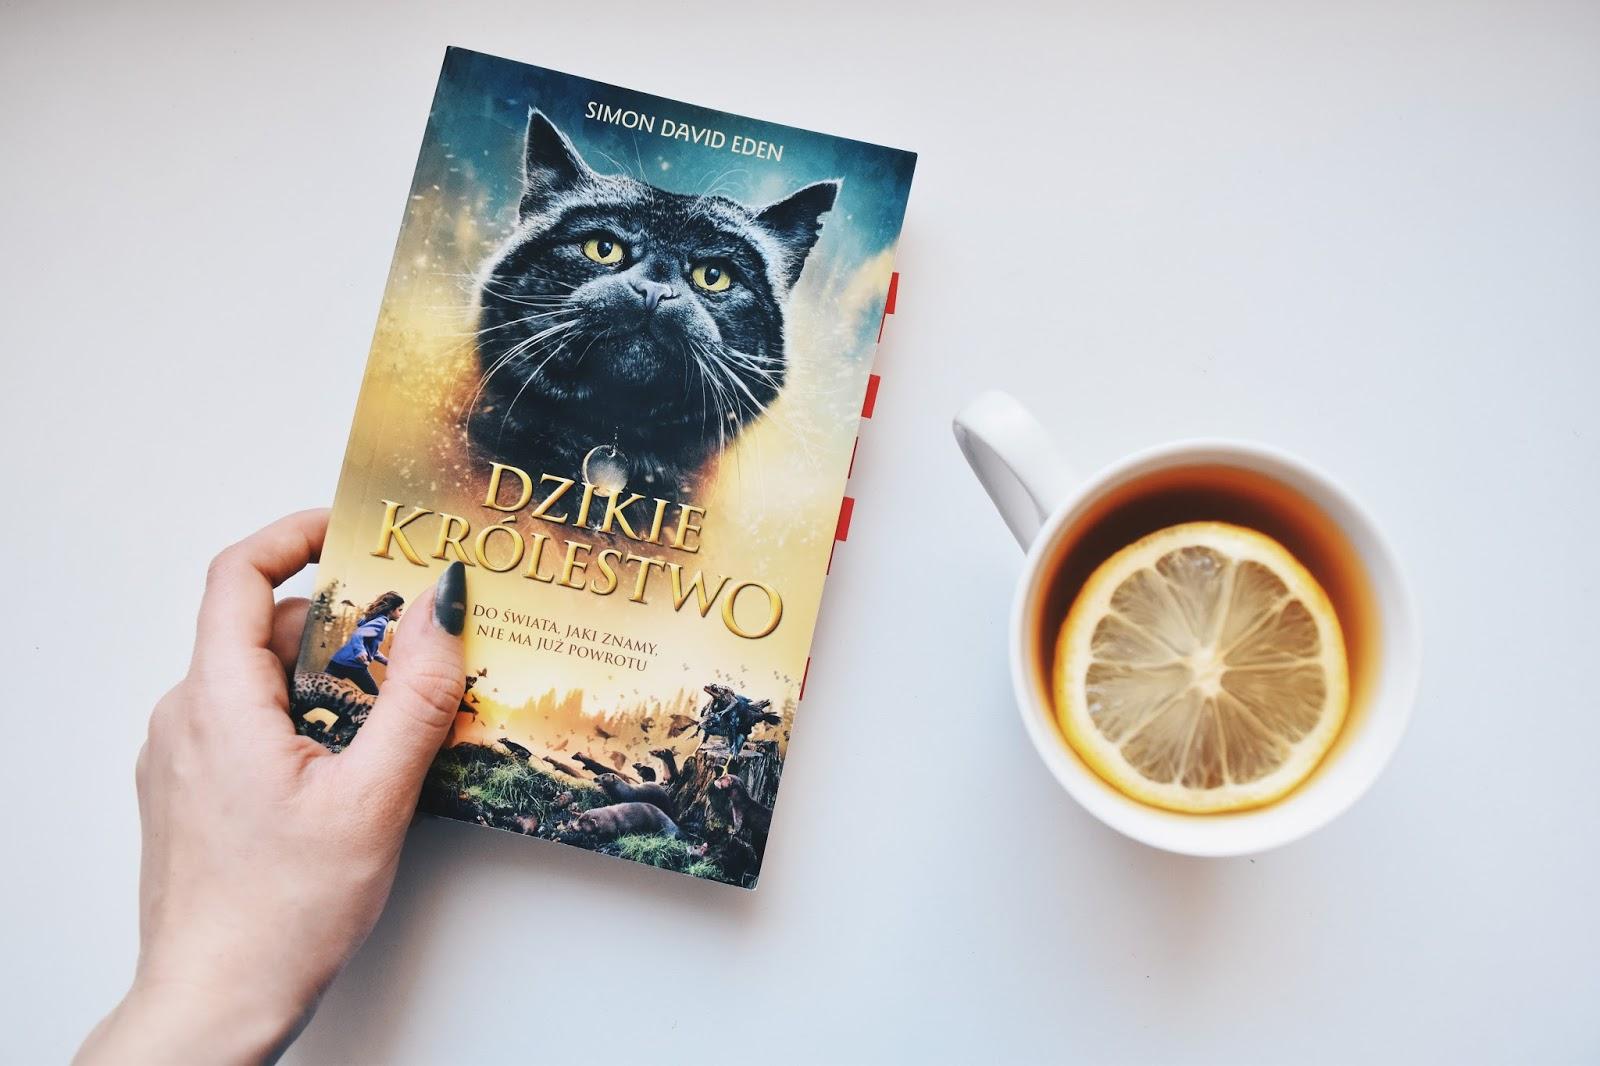 Dzikie królestwo, książka, herbata, recenzja, Simon Eden, książka o kotach, książka o zwierzętach